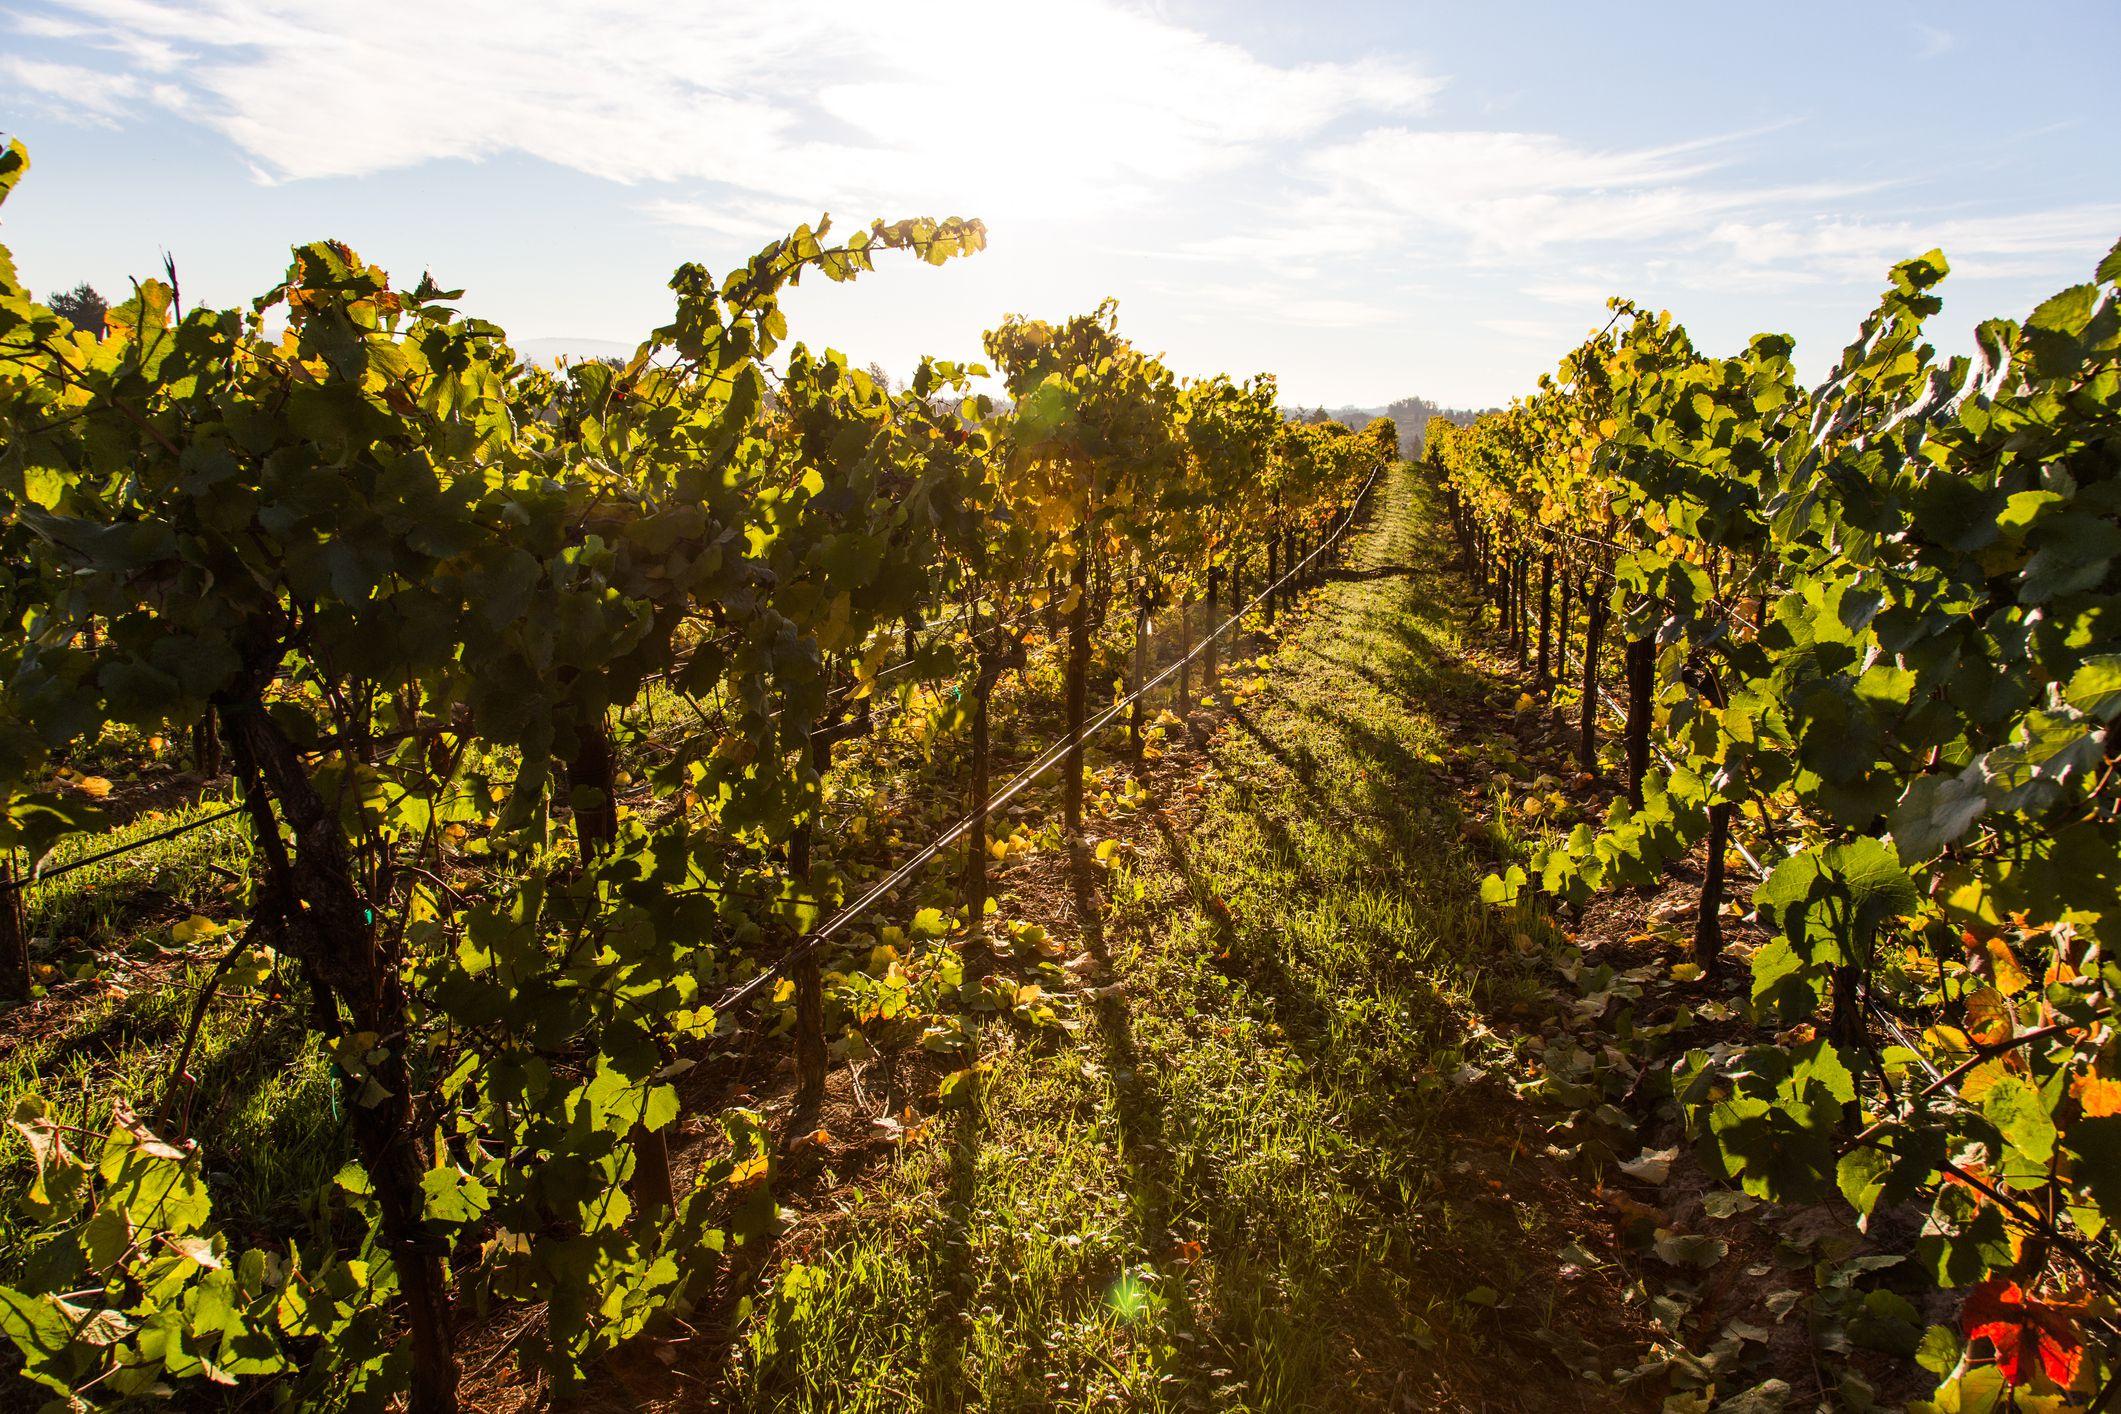 Grape vineyards in Sonoma County (Santa Rosa), California.